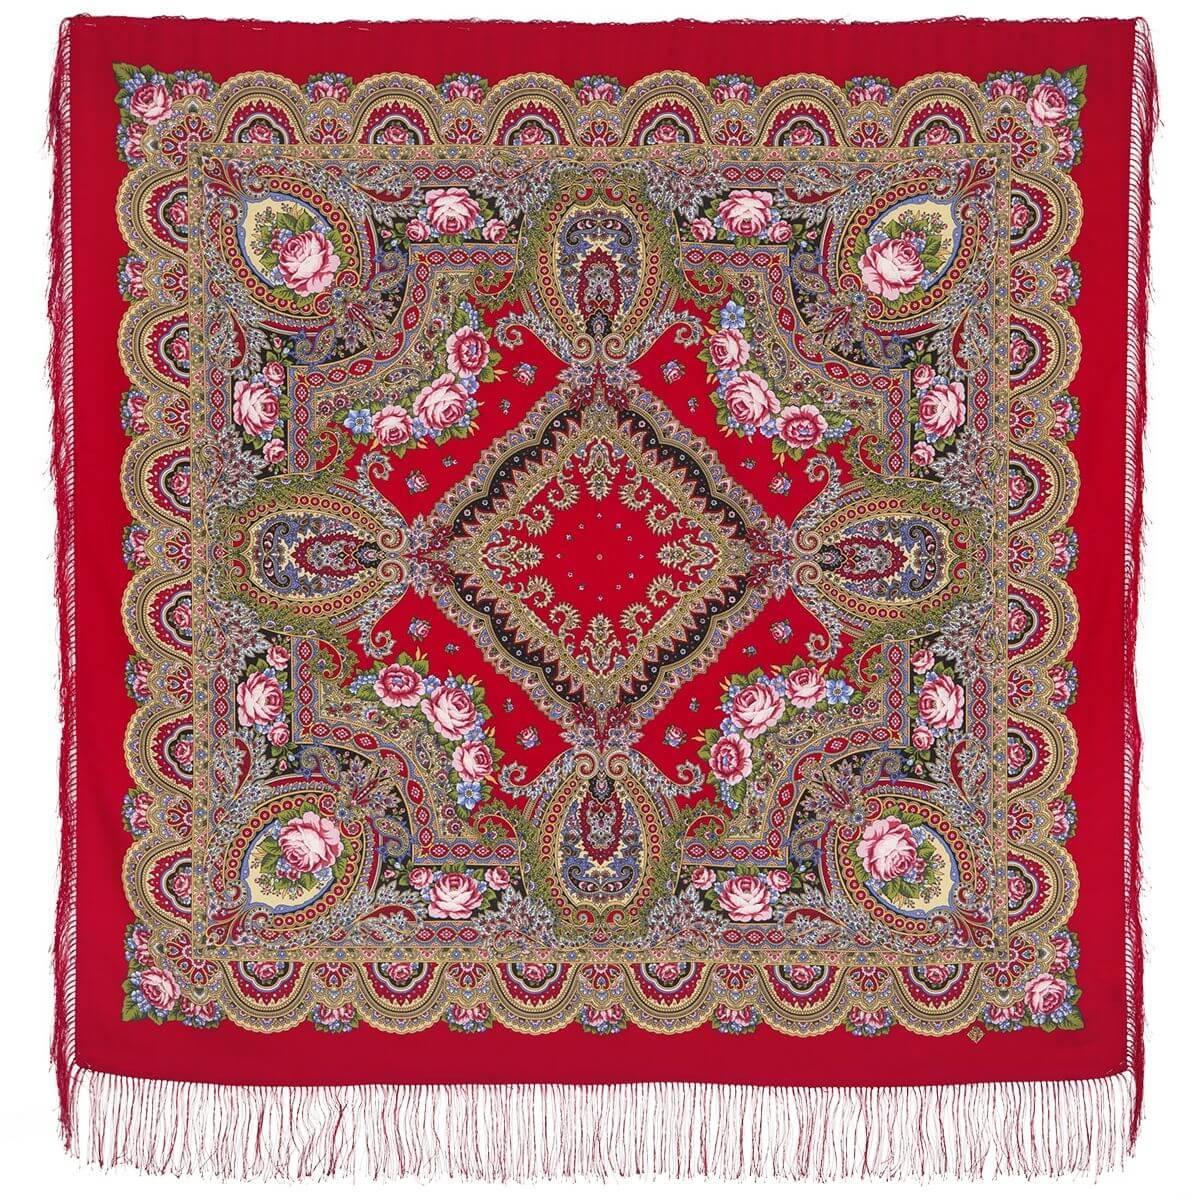 Павлопосадский платок Русское раздолье 1619-5 (135х135 см)